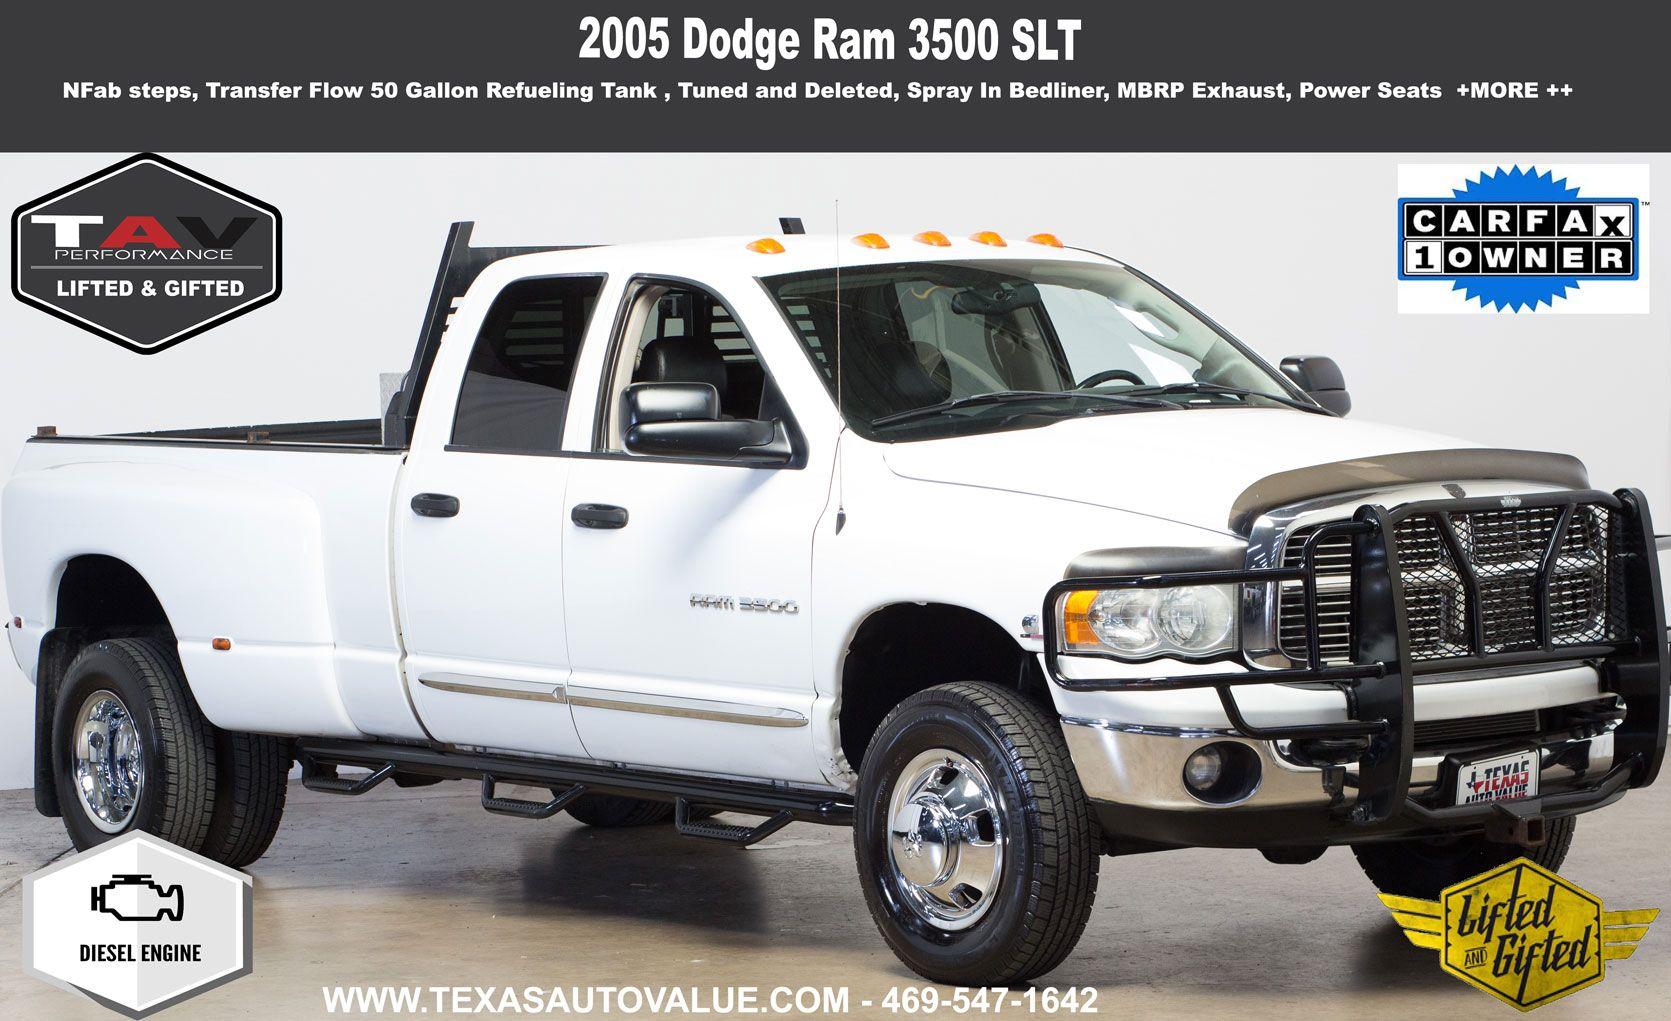 2005 Dodge Ram 3500 Slt Used Trucks Ram 3500 Dodge Ram 3500